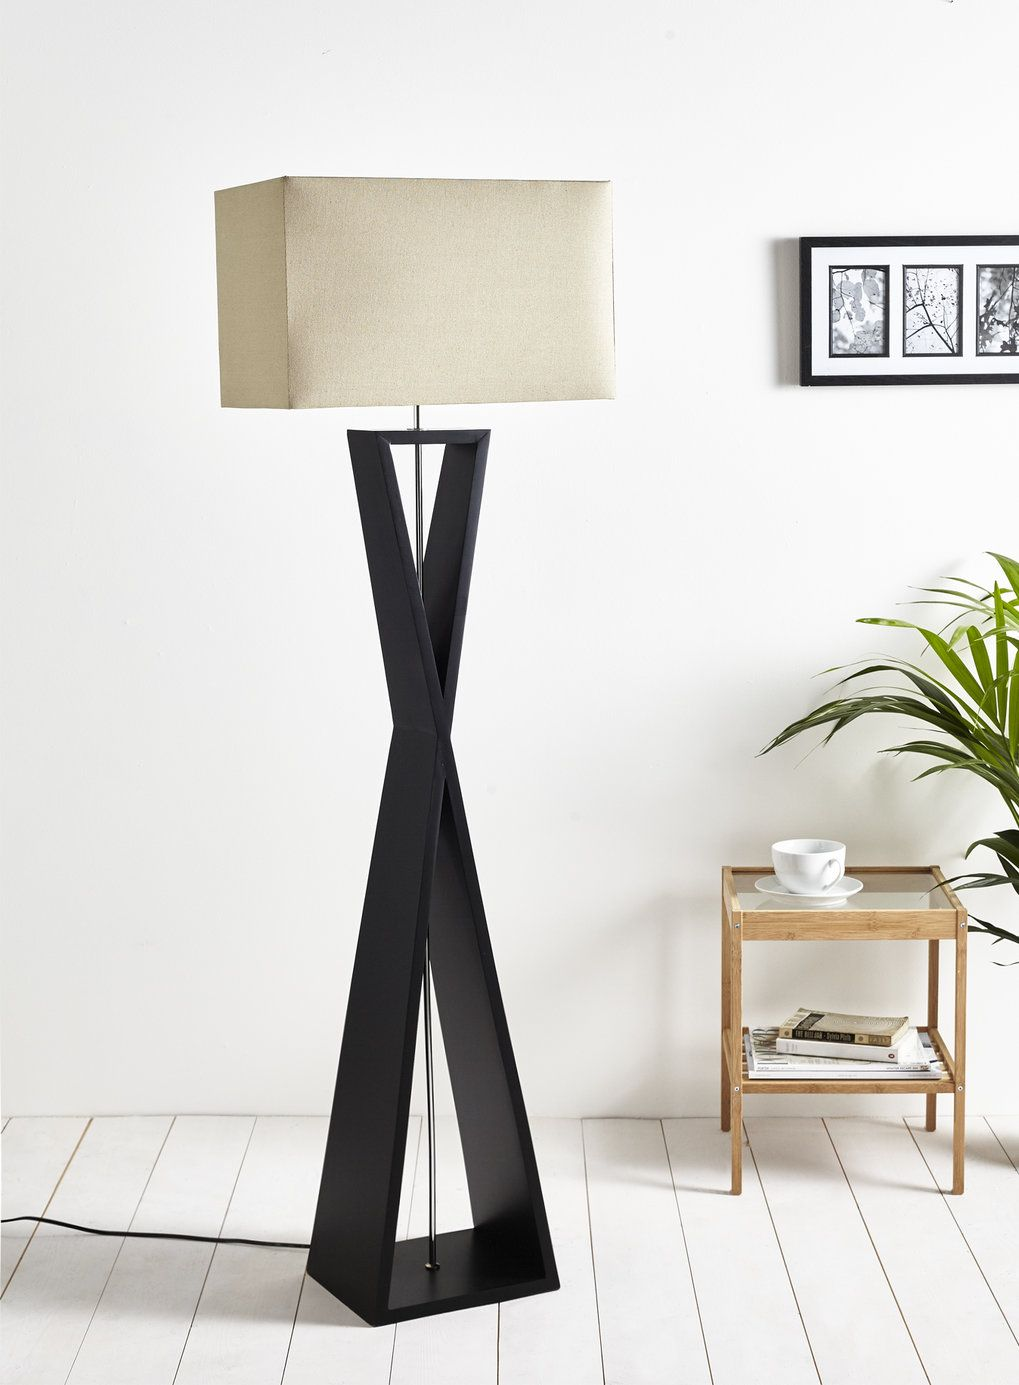 Kayden floor lamp guest bedrooms pinterest floor lamp bhs and kayden floor lamp mozeypictures Image collections